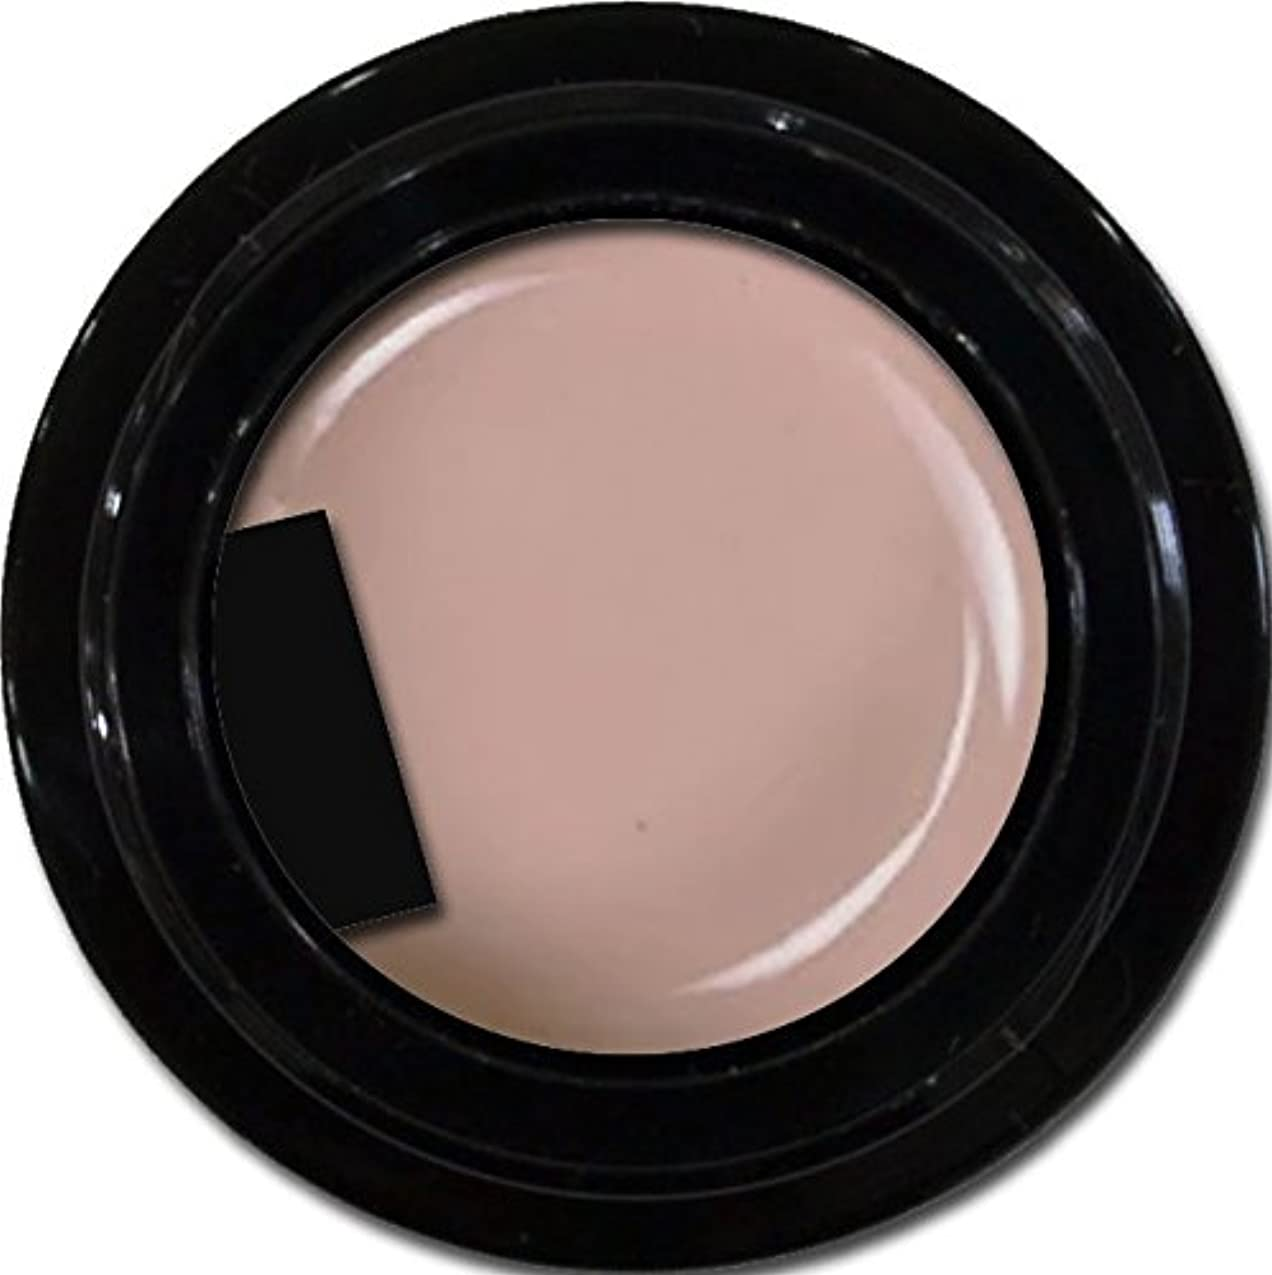 容赦ない分岐する該当するカラージェル enchant color gel M504 GreaseMocha 3g/ マットカラージェル M504 グレースモカ 3グラム